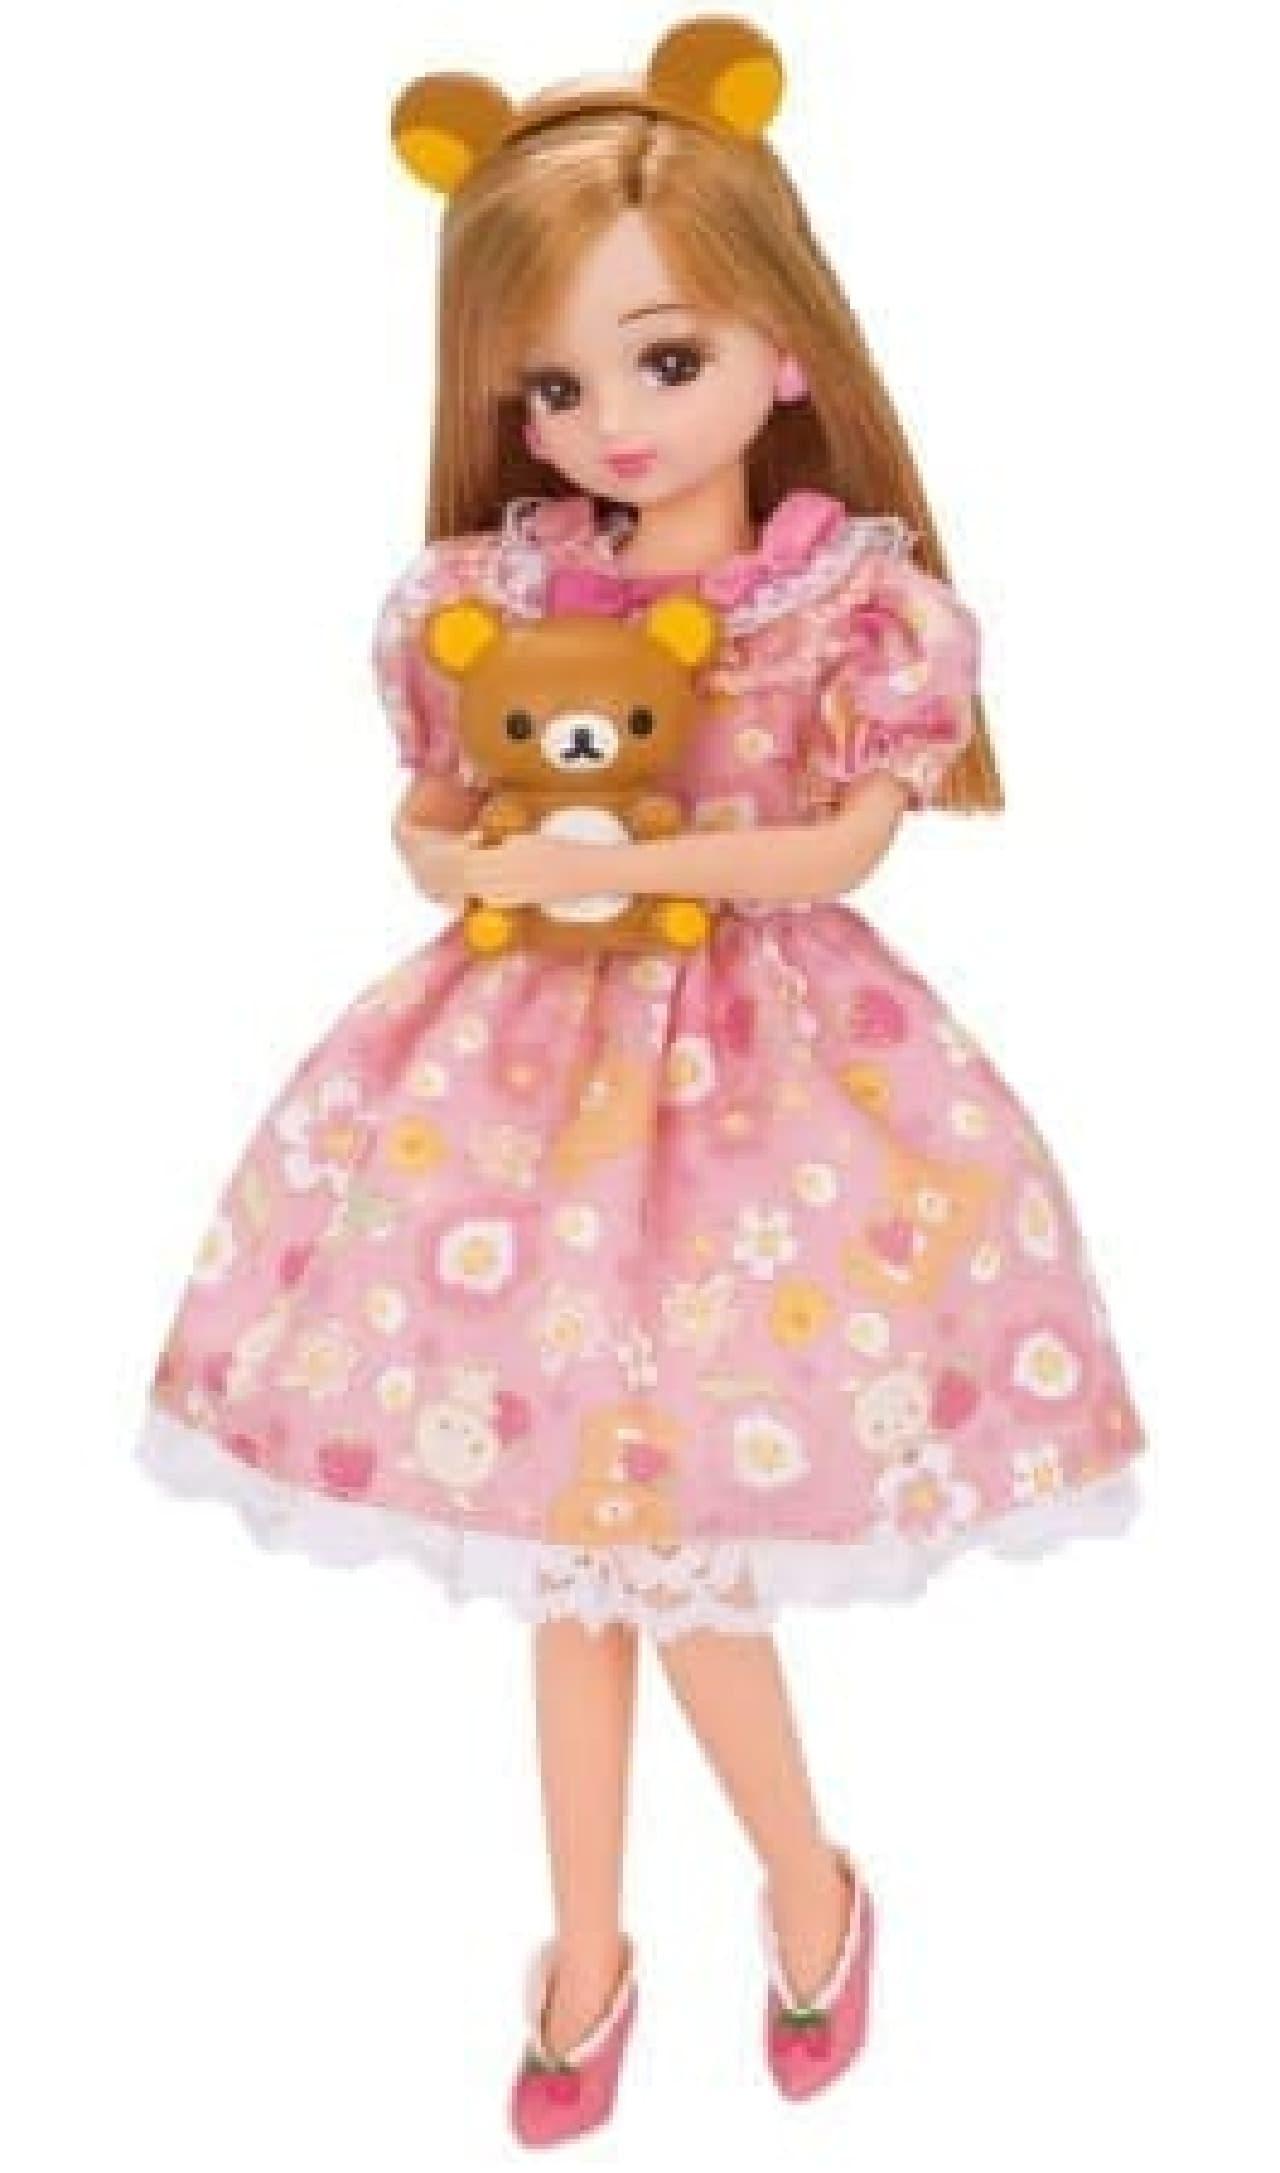 リラックマ×リカちゃんコラボ着せ替え人形